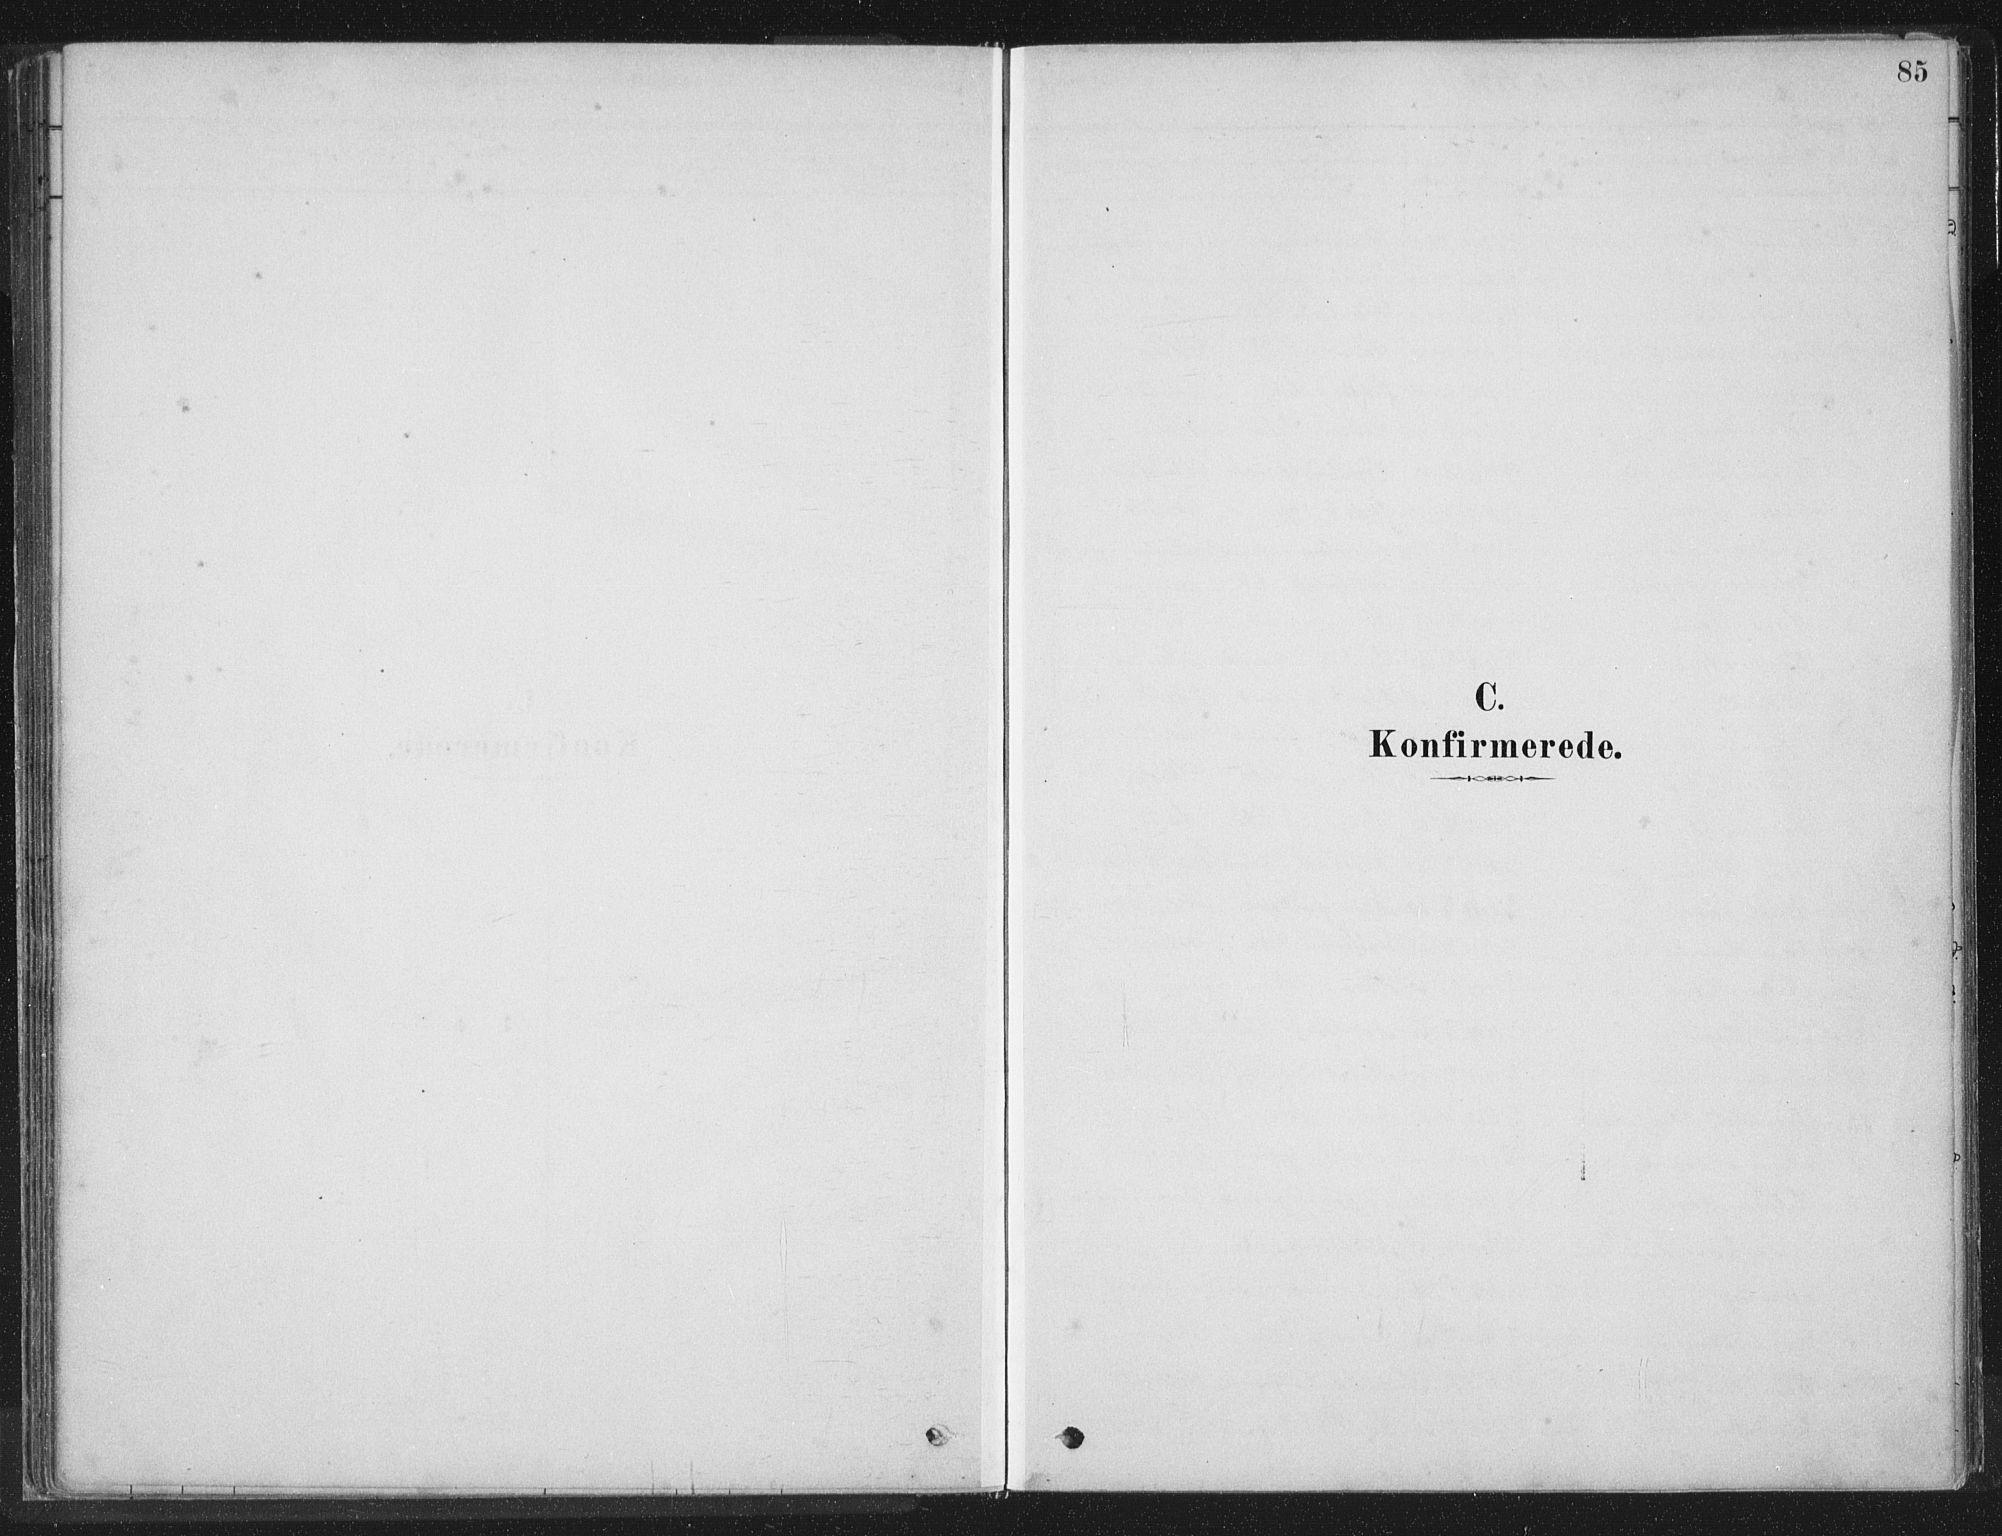 SAT, Ministerialprotokoller, klokkerbøker og fødselsregistre - Nord-Trøndelag, 788/L0697: Ministerialbok nr. 788A04, 1878-1902, s. 85